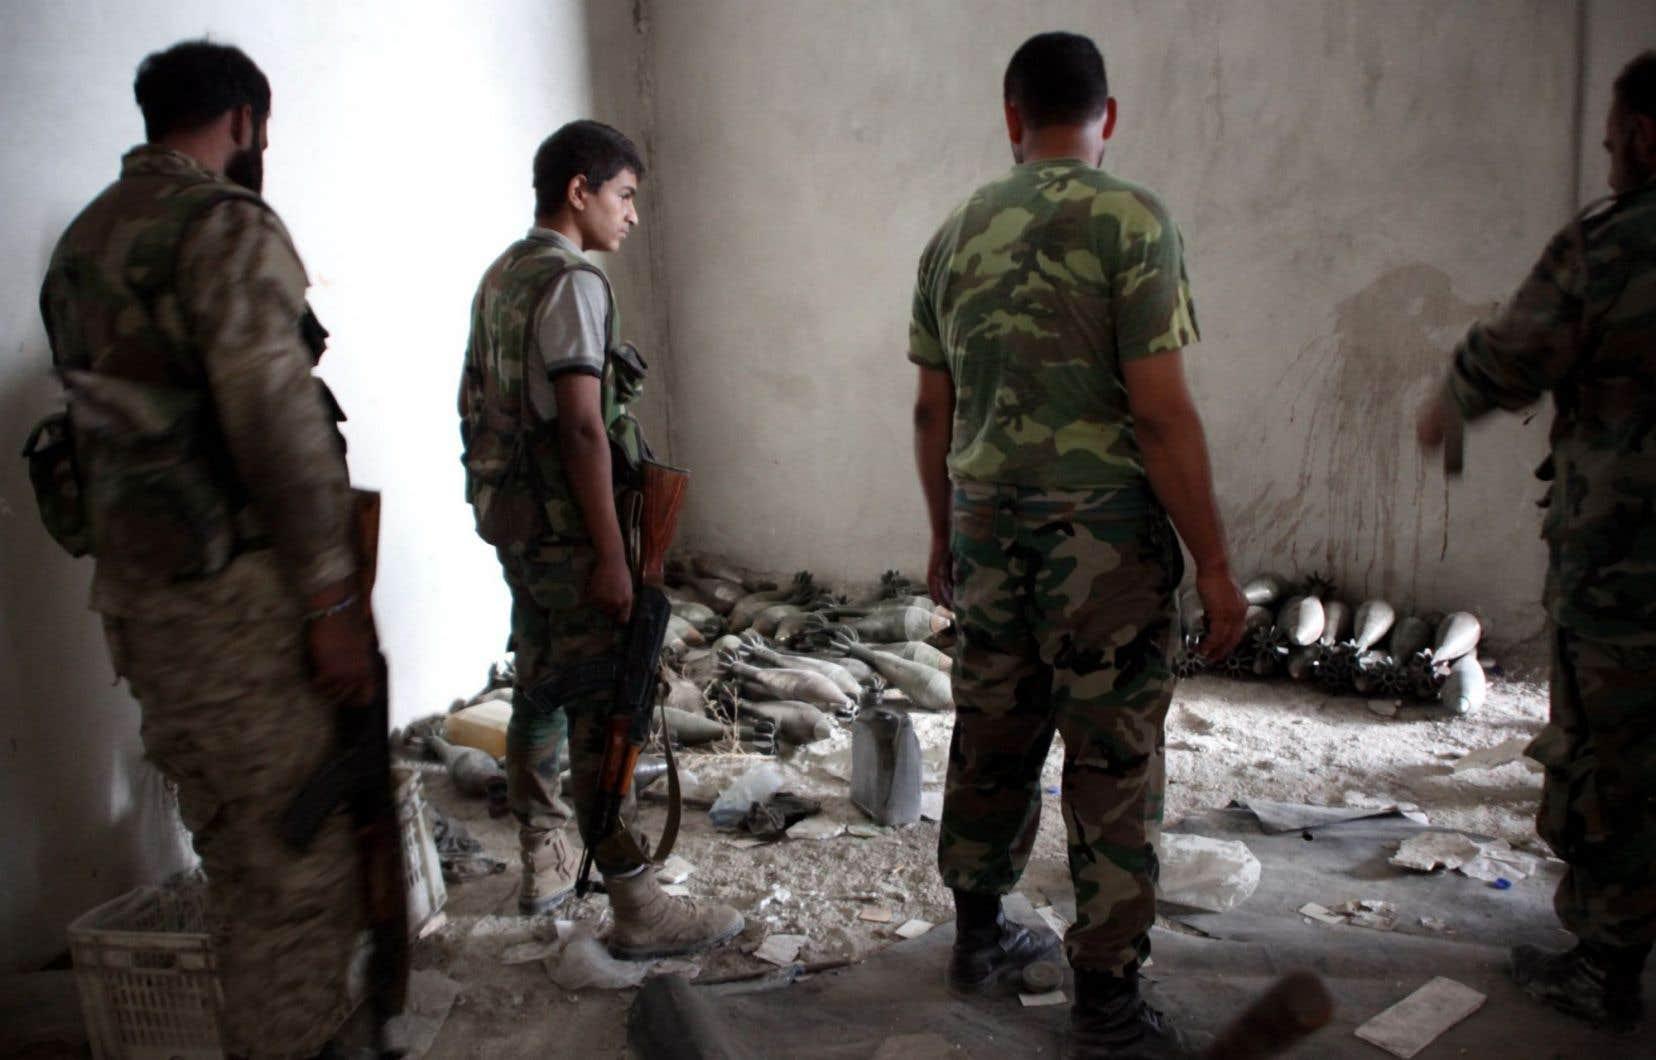 Le régime d'Assad a encerclé Alep jeudi, parachevant l'étranglement des quartiers rebelles de la métropole où environ 250 000 habitants se retrouvent pris au piège.